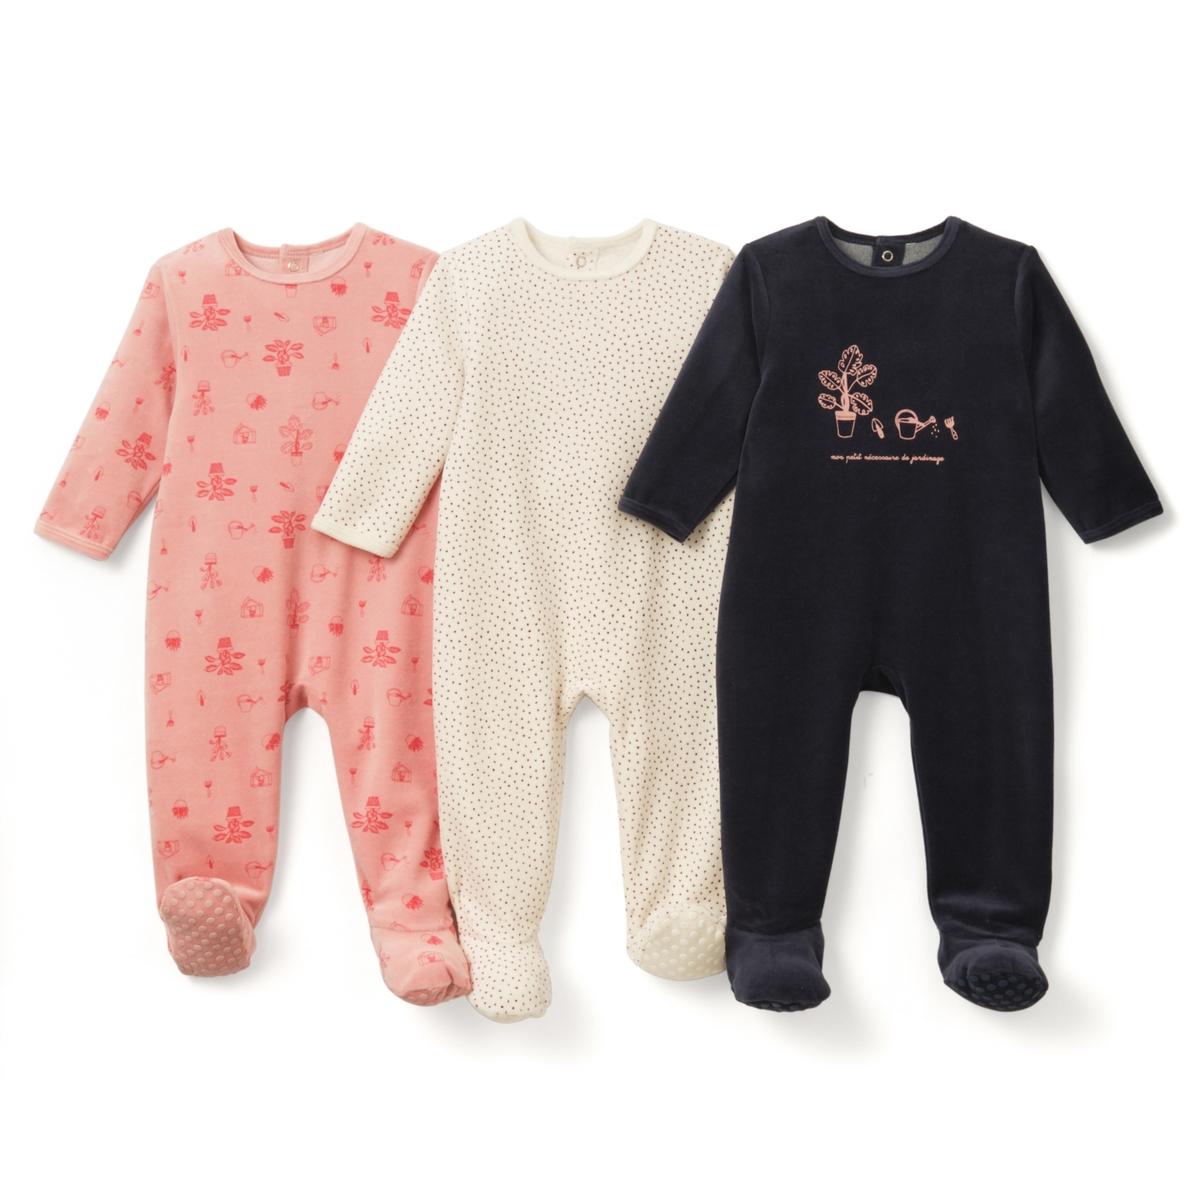 3 пижамы из велюра, 0 мес. - 3 годаПижама из велюра. В комплекте 3 пижамы: 2 пижамы с рисунком + 1 пижама с рисунком спереди. Круглый вырез. Клапан на кнопках и застежка на кнопки сзади. Носочки с покрытием против скольжения от 12 мес. (74 см), эластичные сзади для лучшей поддержки. Верх пижамы без этикетки, чтобы не вызывать раздражение или зуд на коже ребенка. Знак Oeko-Tex*.Товарный знак Oeko-Tex® . Знак Oeko-Tex® гарантирует, что товары прошли проверку и были изготовлены без применения вредных для здоровья человека веществ.Состав и описание :     Материал: велюр, 75% хлопка, 25% полиэстера.    Уход : Машинная стирка при 30 °C на умеренном режиме с вещами схожих цветов. Стирать, сушить и гладить с изнаночной стороны. Машинная сушка на умеренном режиме. Гладить при низкой температуре.    * Международный знак Oeko-tex гарантирует отсутствие вредных или раздражающих кожу веществ.<br><br>Цвет: Розовый+сине-зеленый+экрю<br>Размер: 6 мес. - 67 см.1 год - 74 см.0 мес. - 50 см.3 мес. - 60 см.1 мес. - 54 см